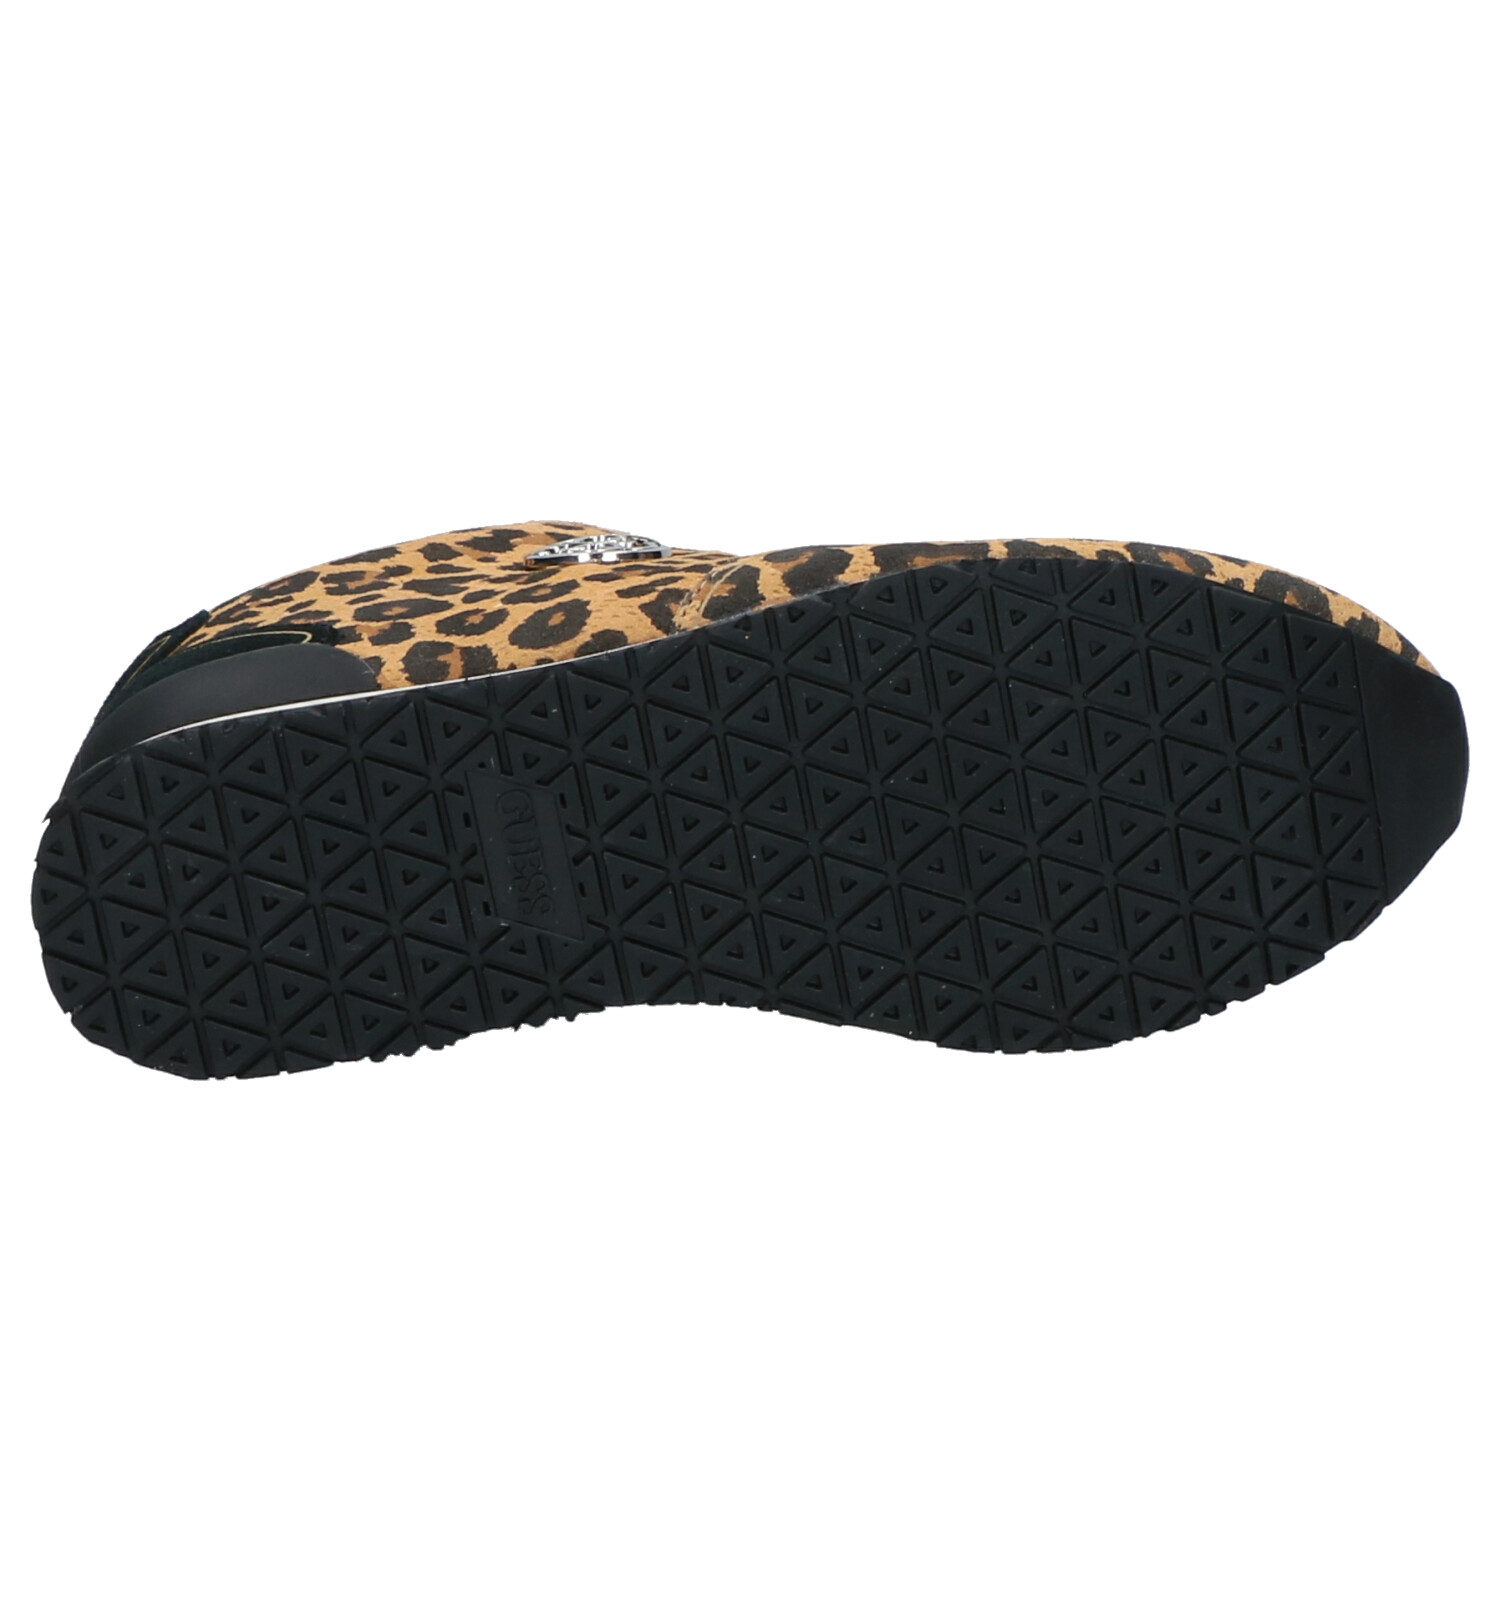 Guess Tessa Zwarte Sneakers | SCHOENENTORFS.NL | Gratis